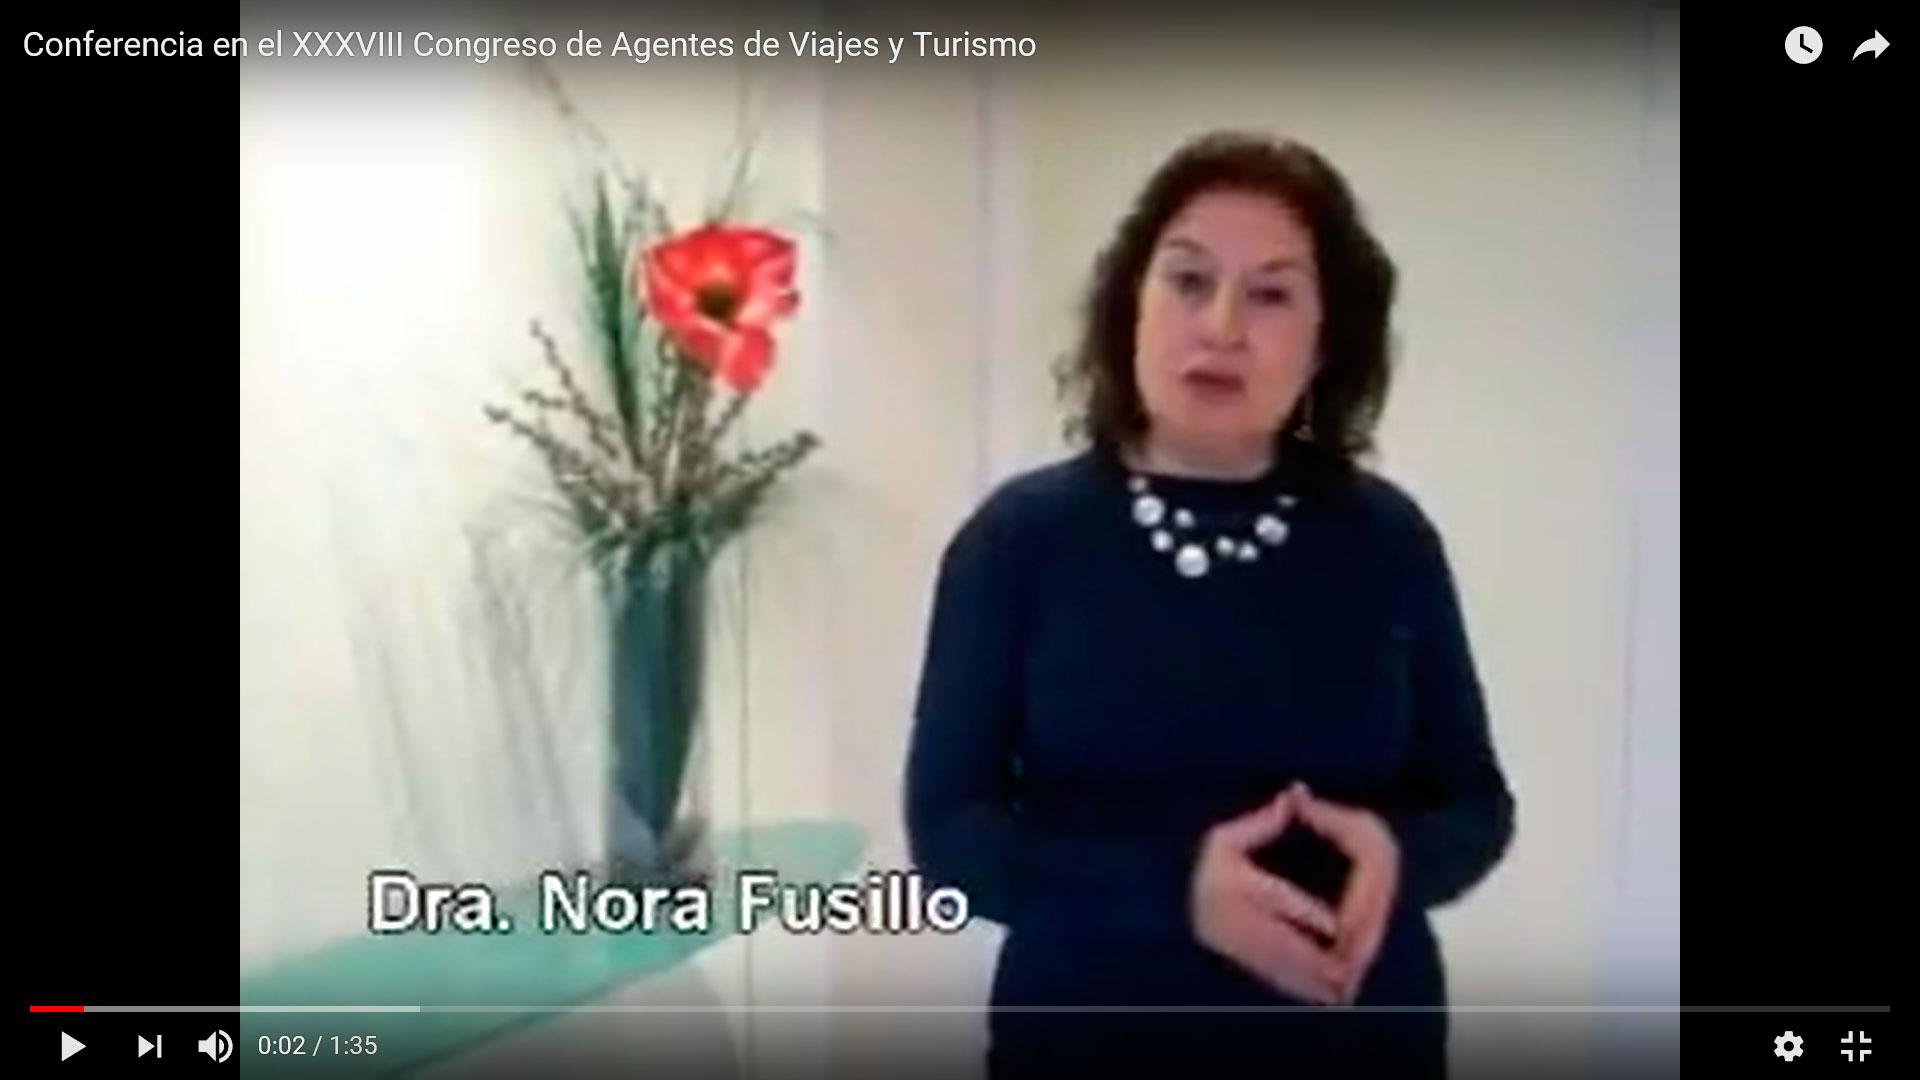 Conferencia en el XXXVIII Congreso de Agentes de Viajes y Turismo, Salta